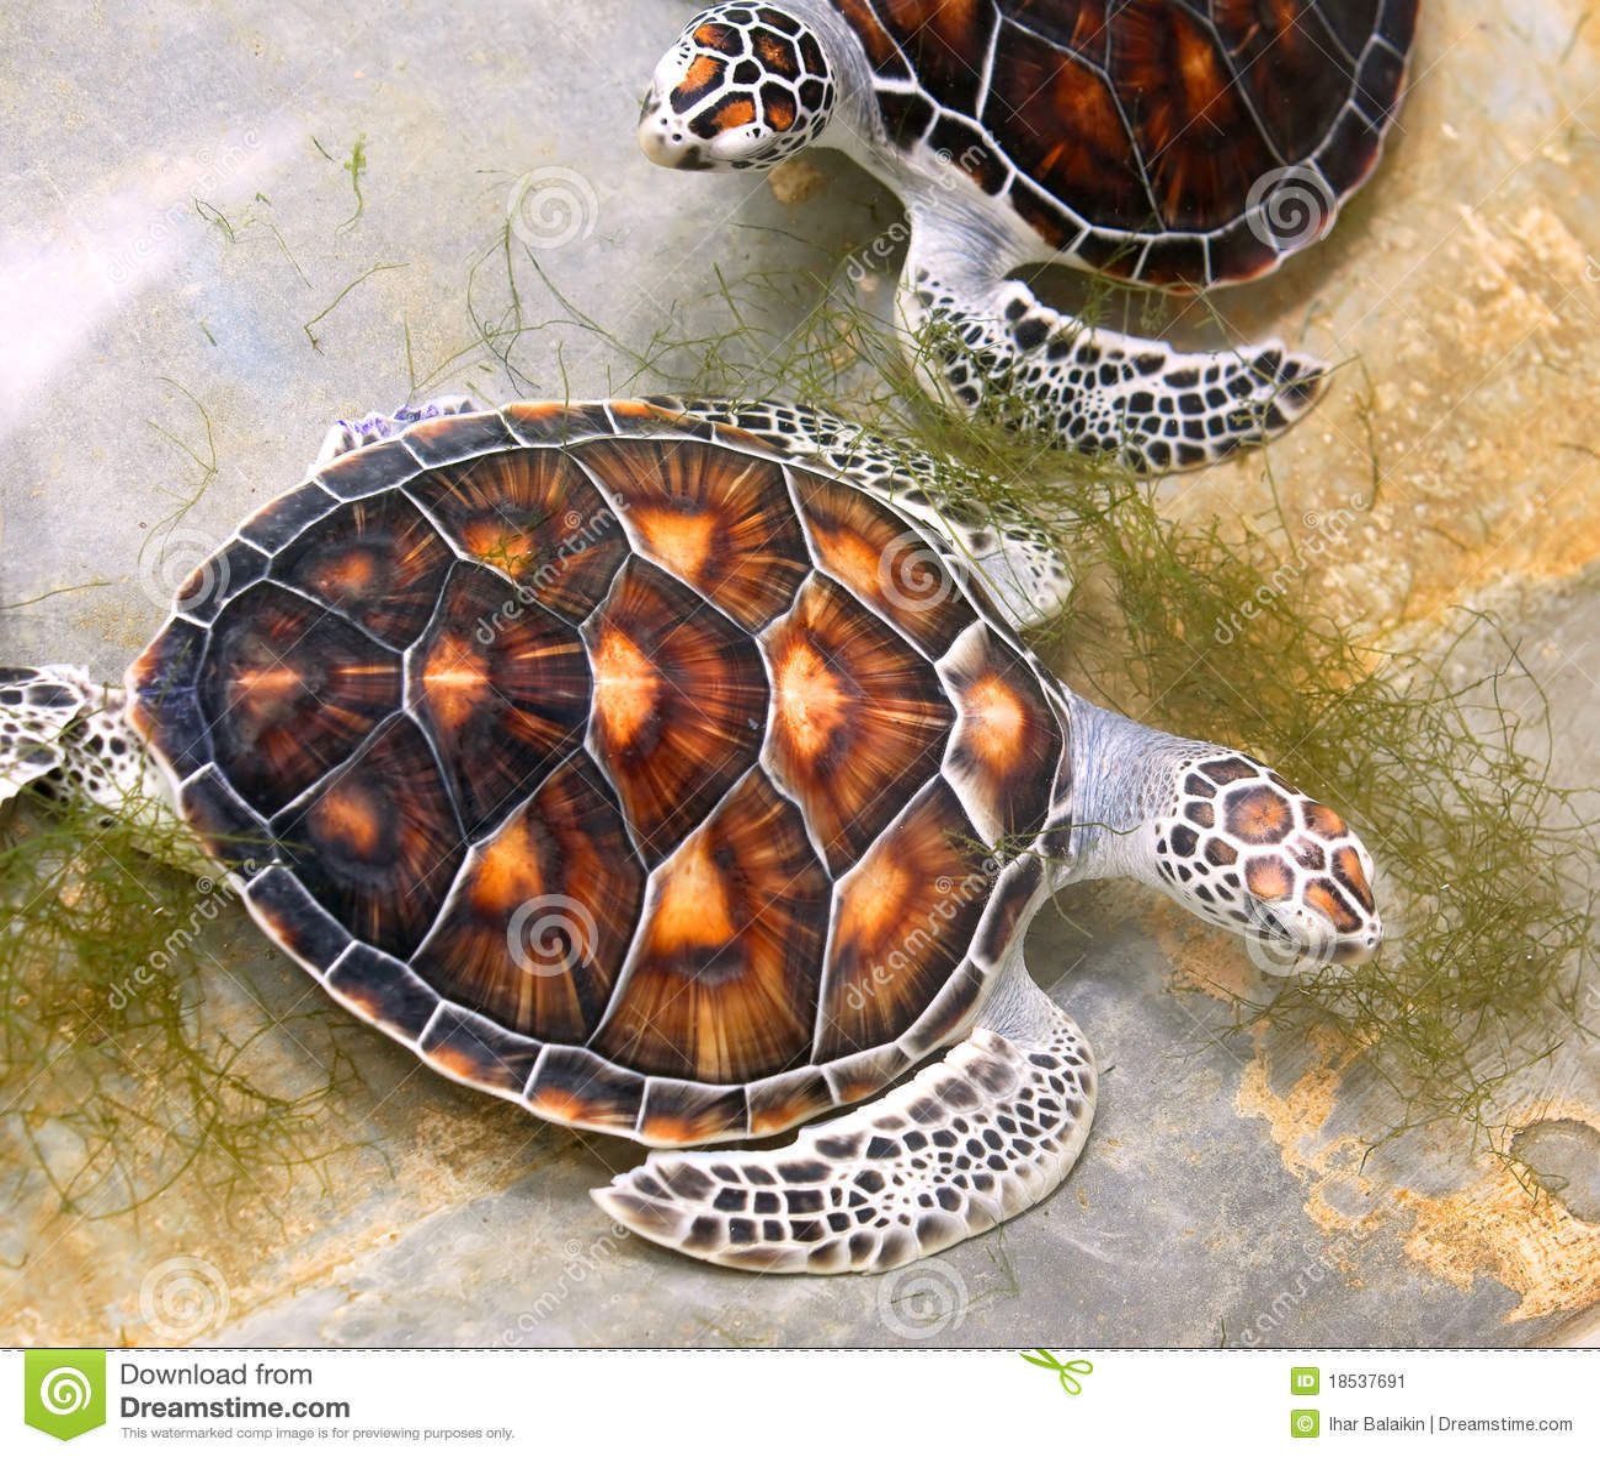 Sea turtles in nursery